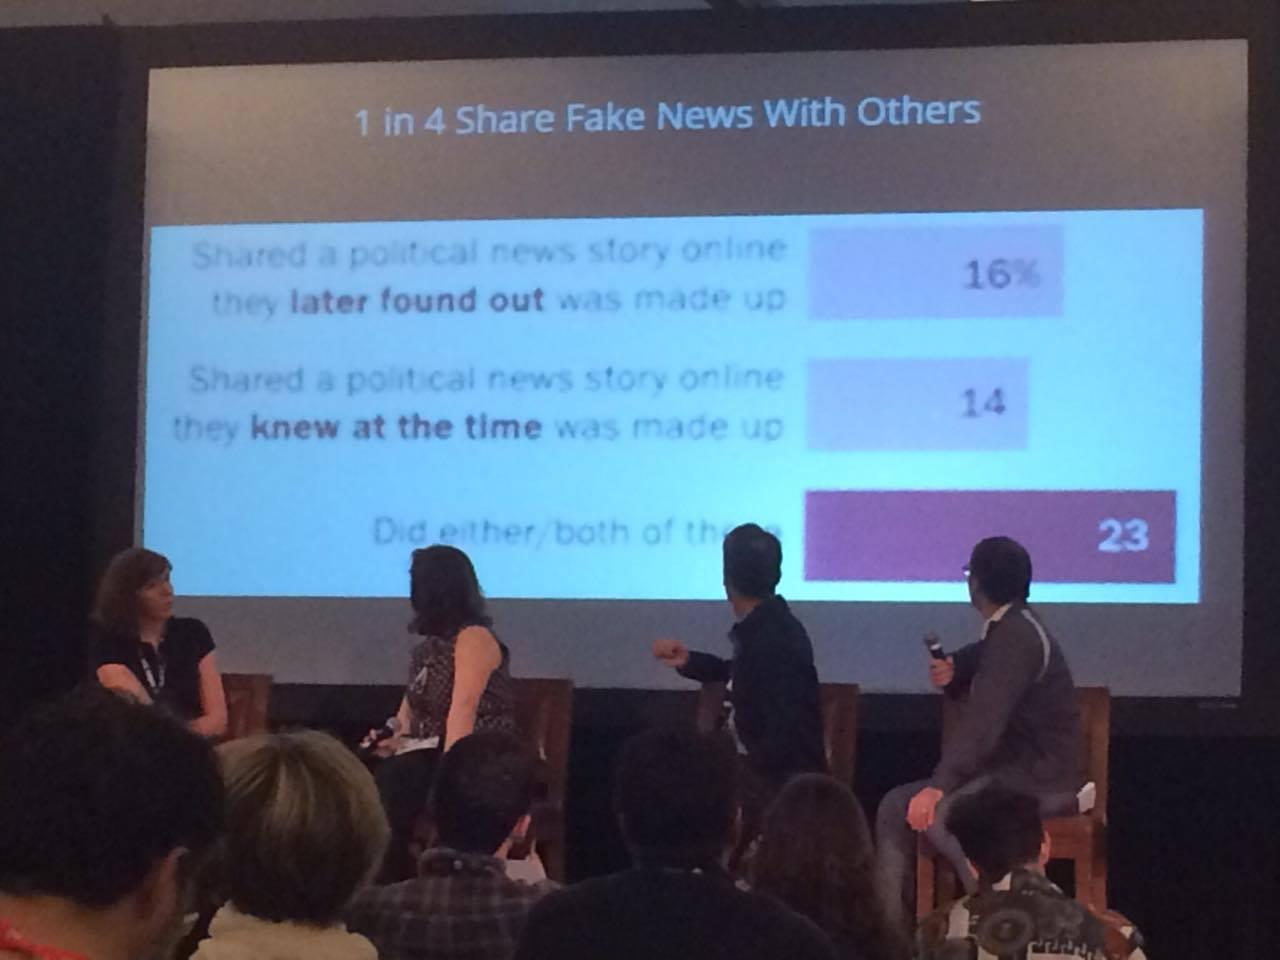 Дискуссия о фейковых новостях